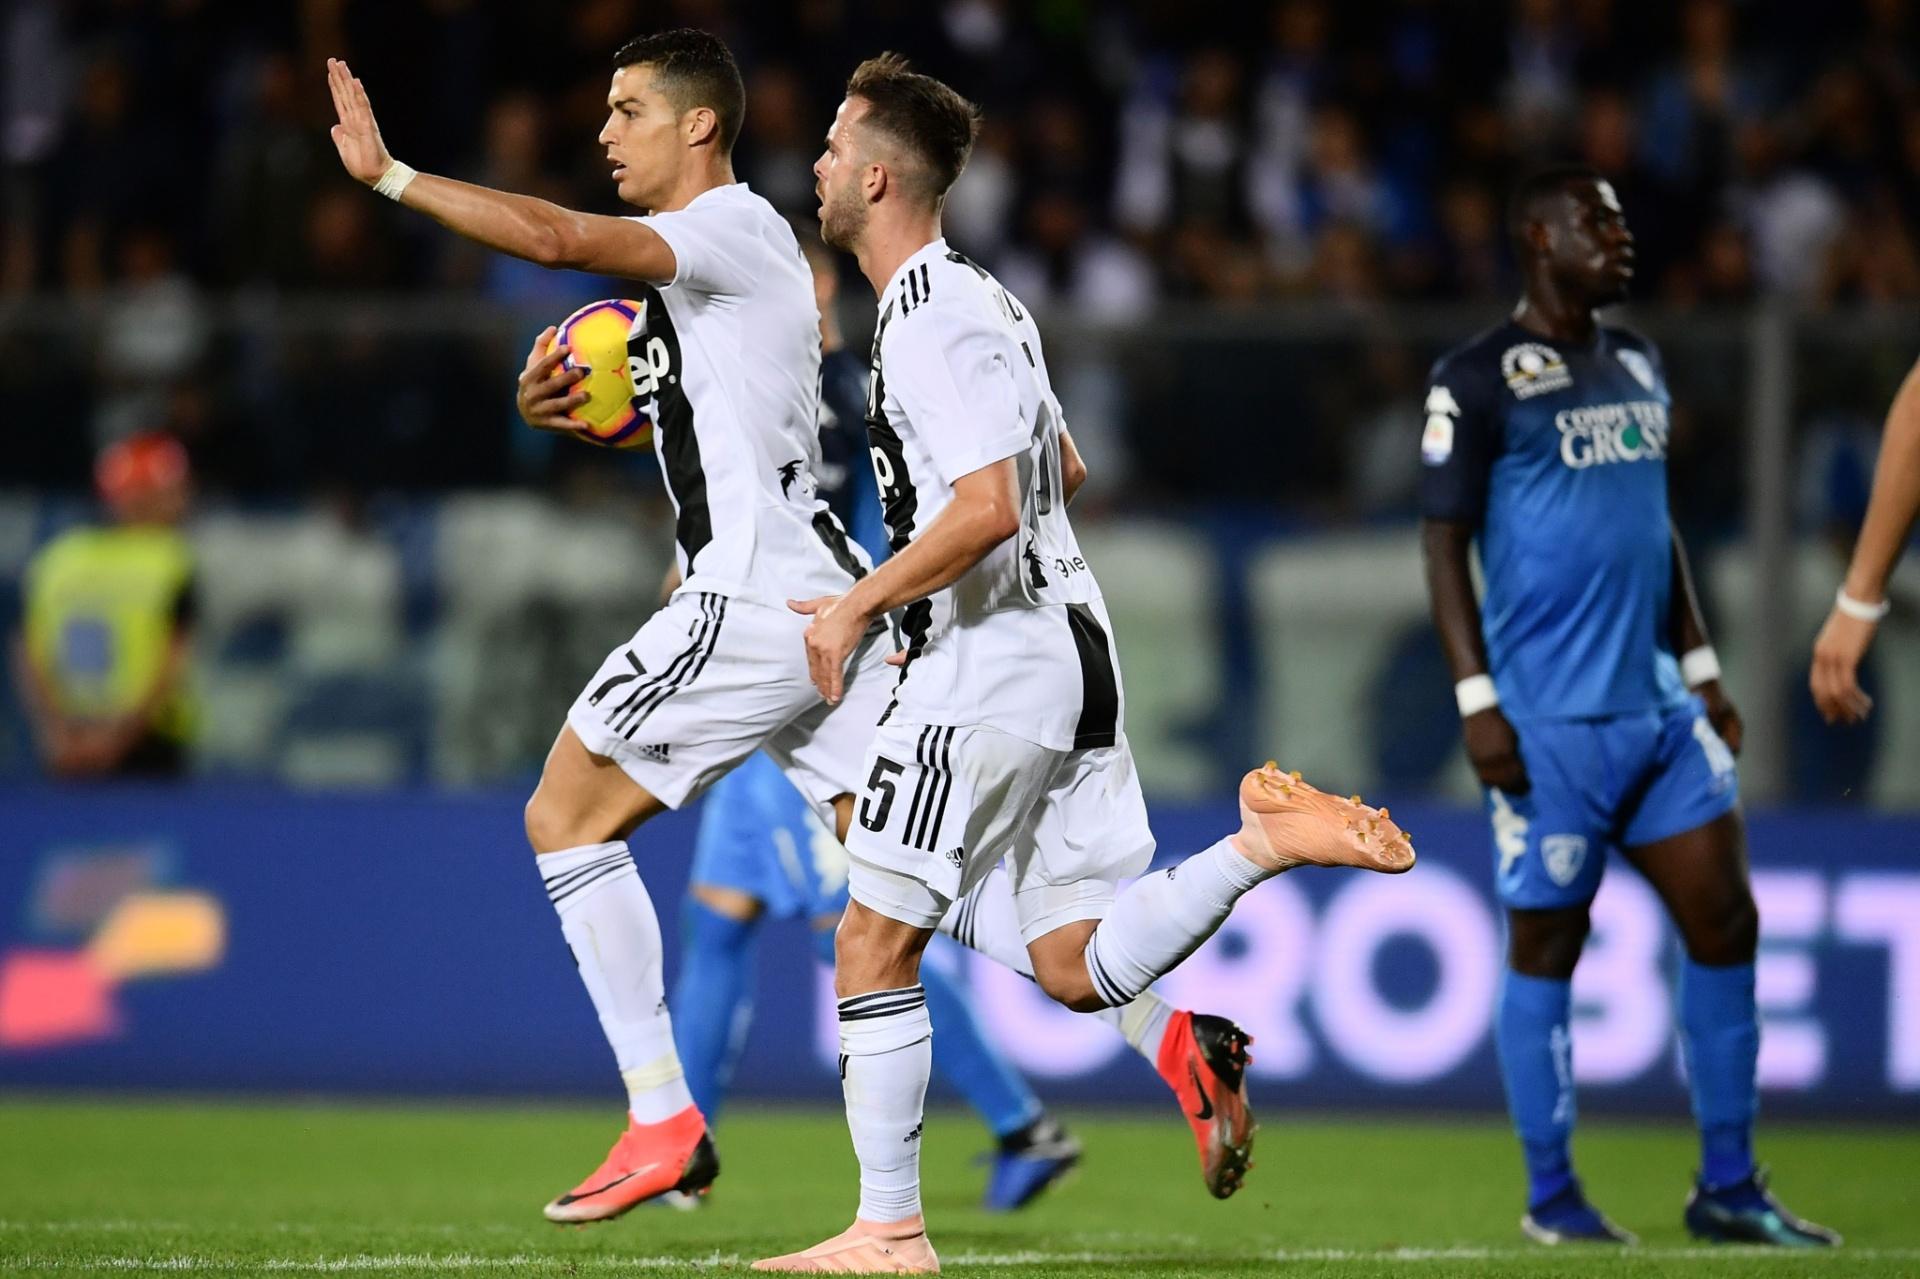 Cristiano Ronaldo faz dois e garante virada da líder Juventus no Italiano -  27 10 2018 - UOL Esporte cf7e5540ff397